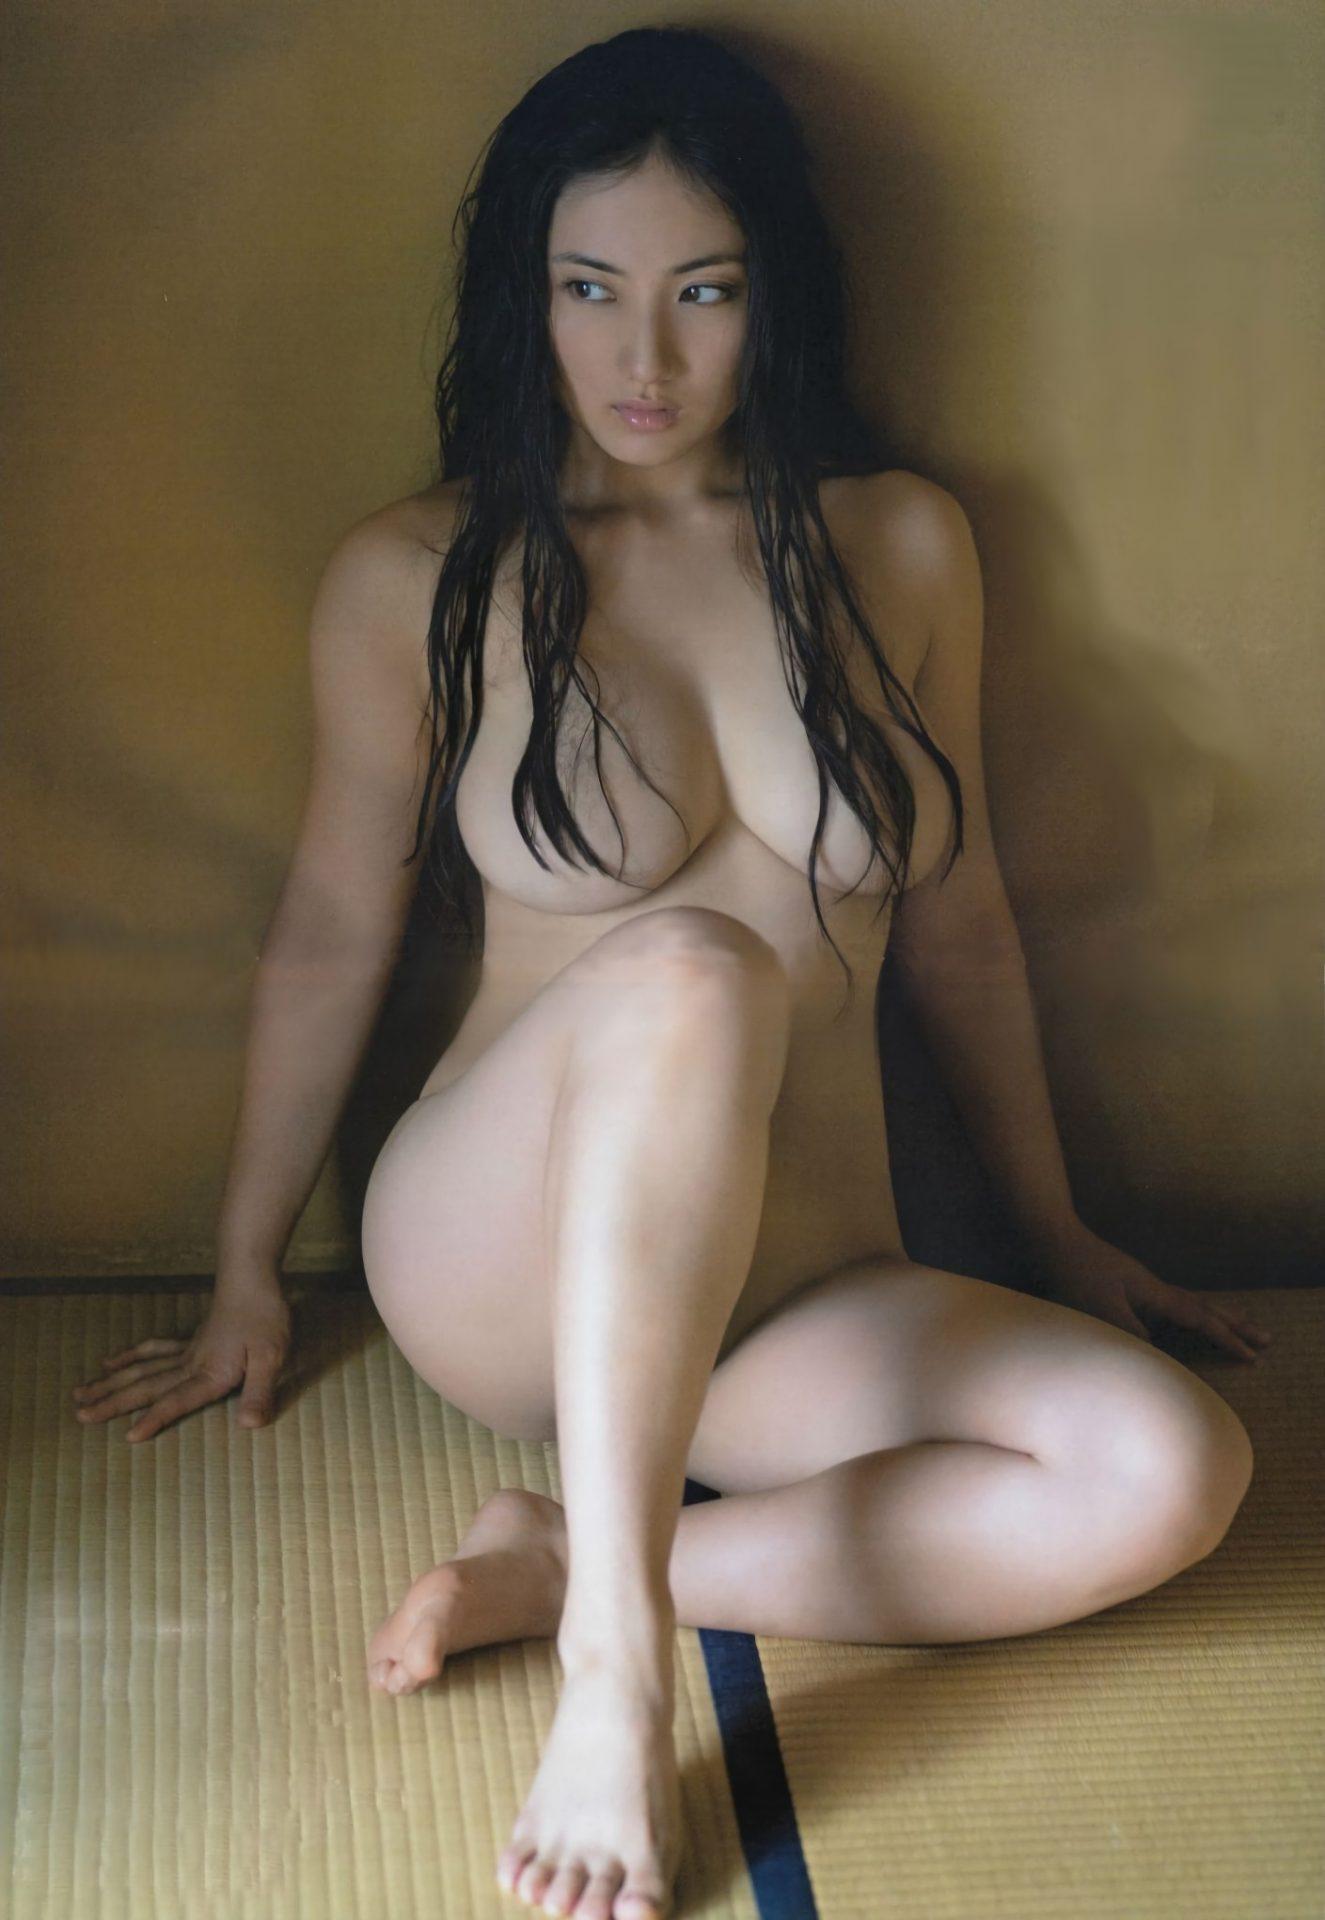 三次元 3次元 エロ画像 ヌード 髪で乳首を隠す おっぱい べっぴん娘通信 14